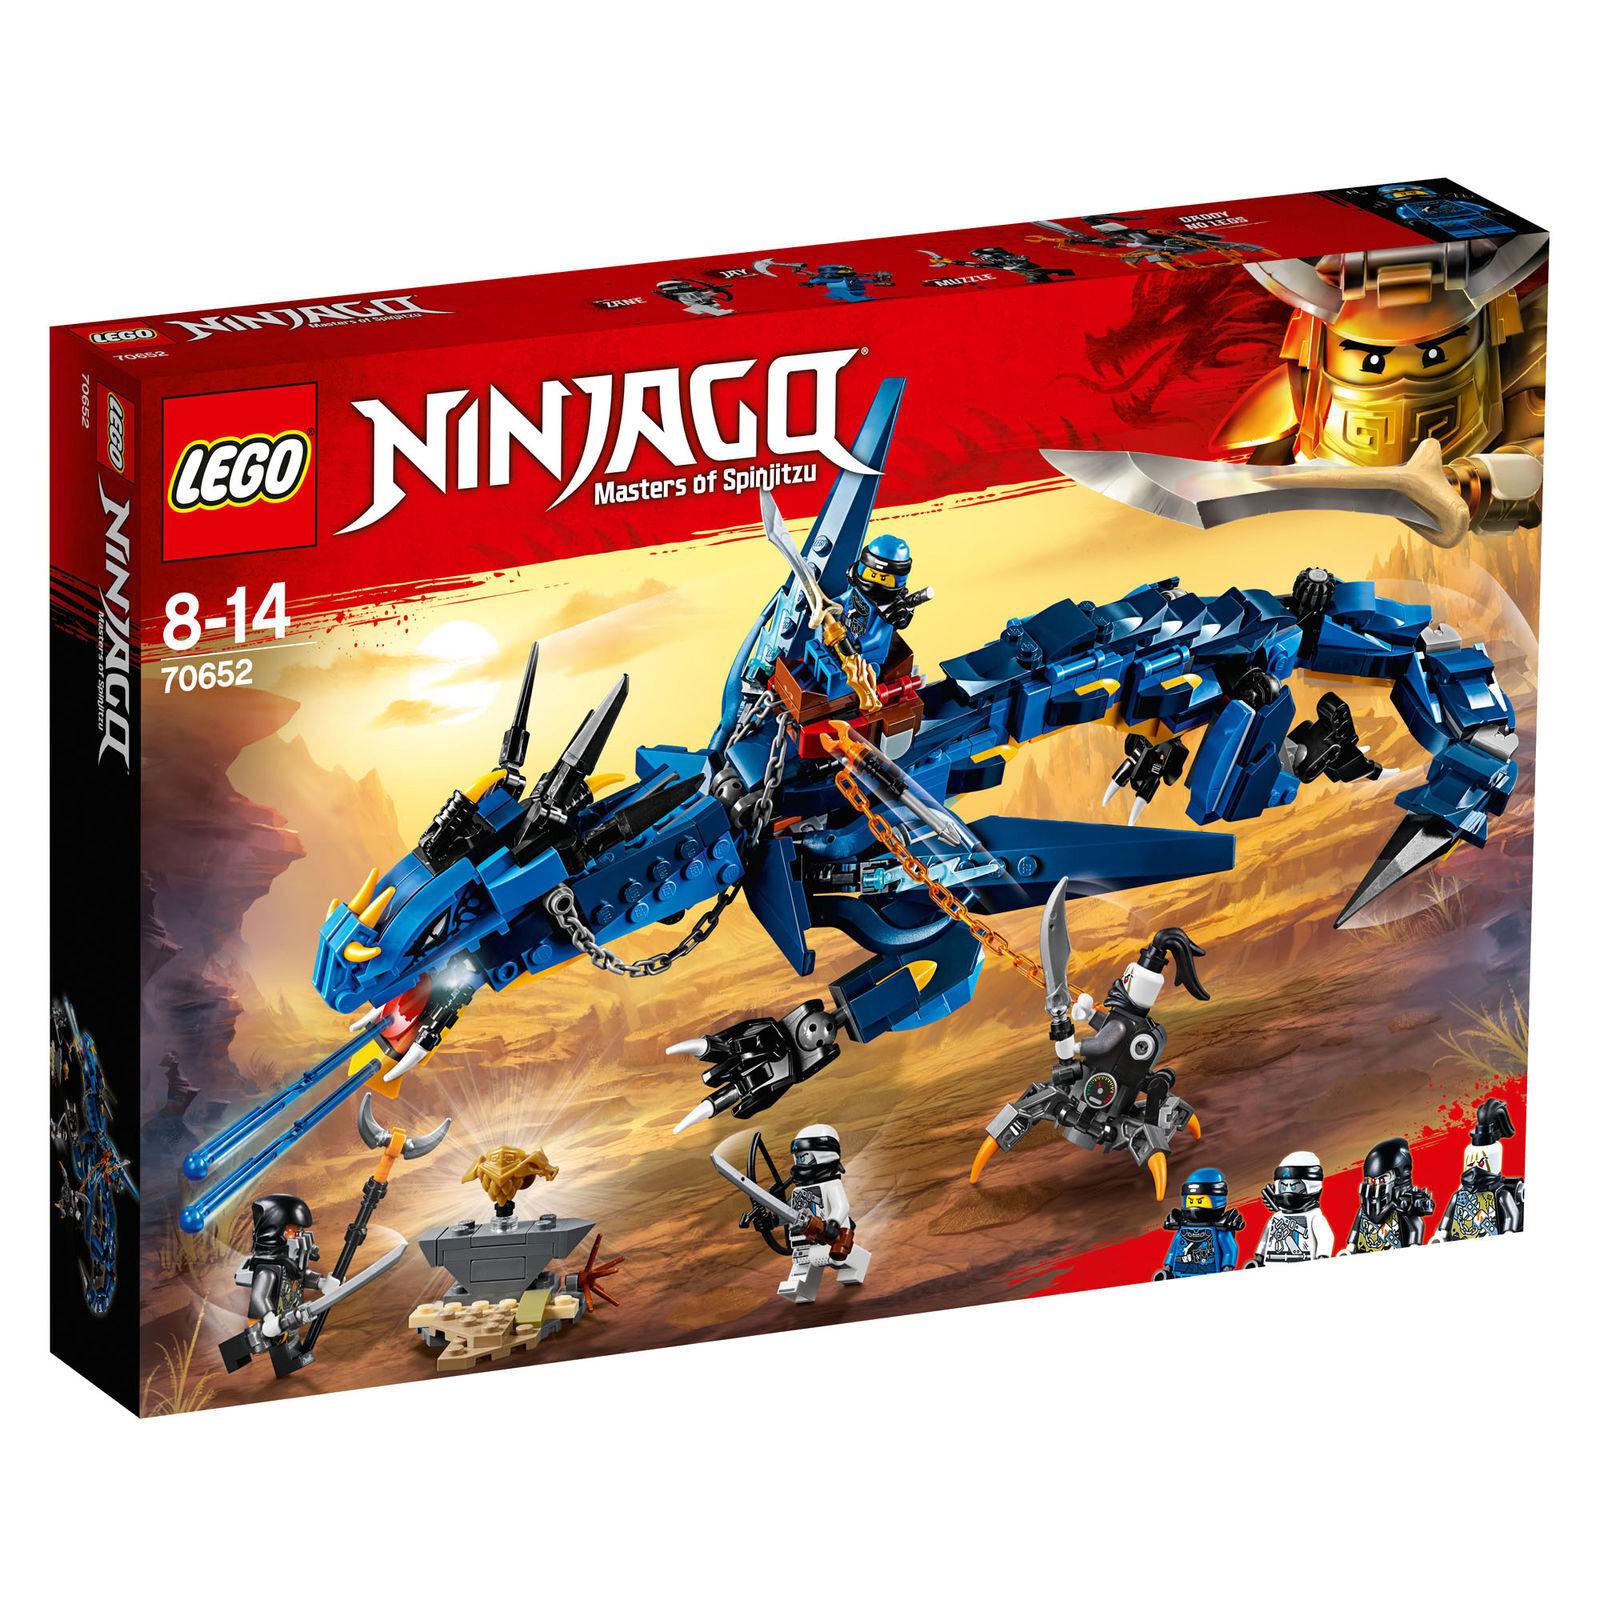 LEGO NINJAGO DRAGONE DELLA TEMPESTA - LEGO 70652  NUOVO - SIGILLATA